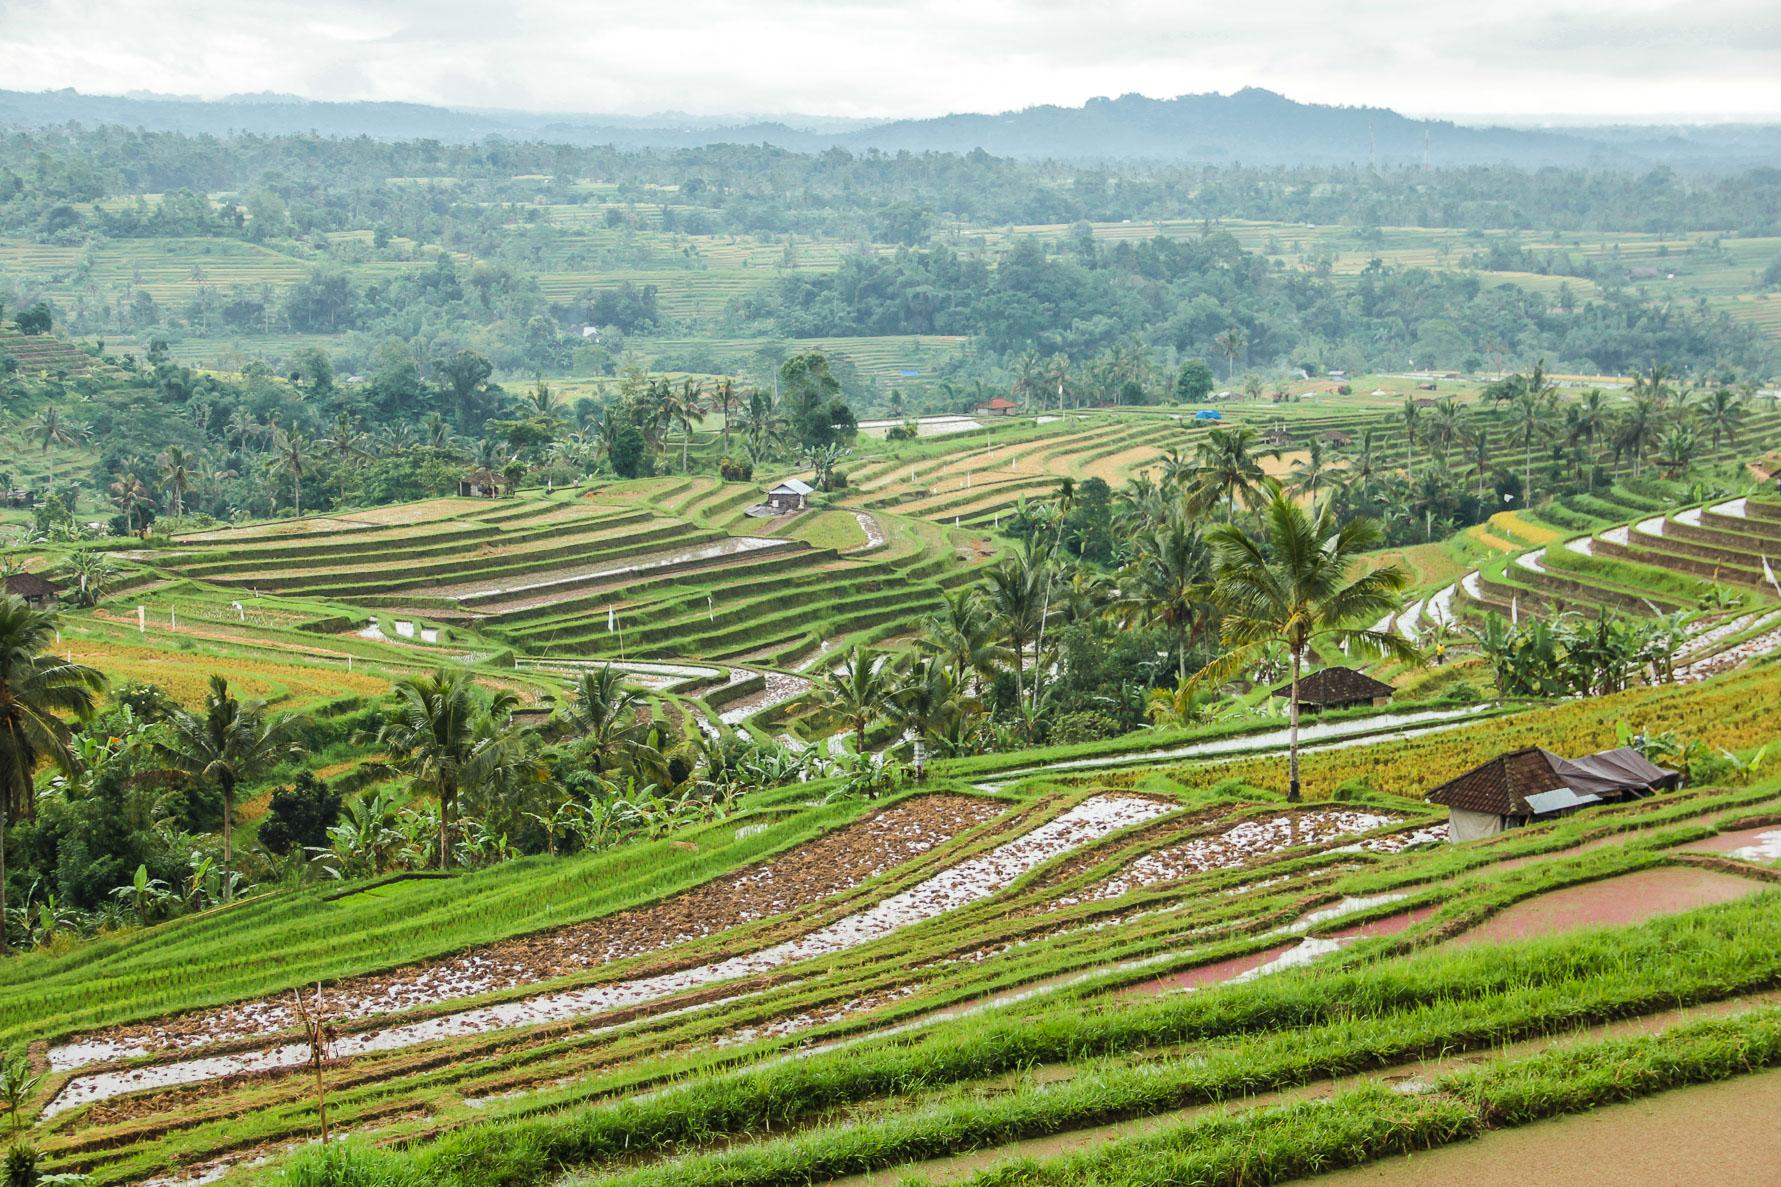 Des rizières à Bali